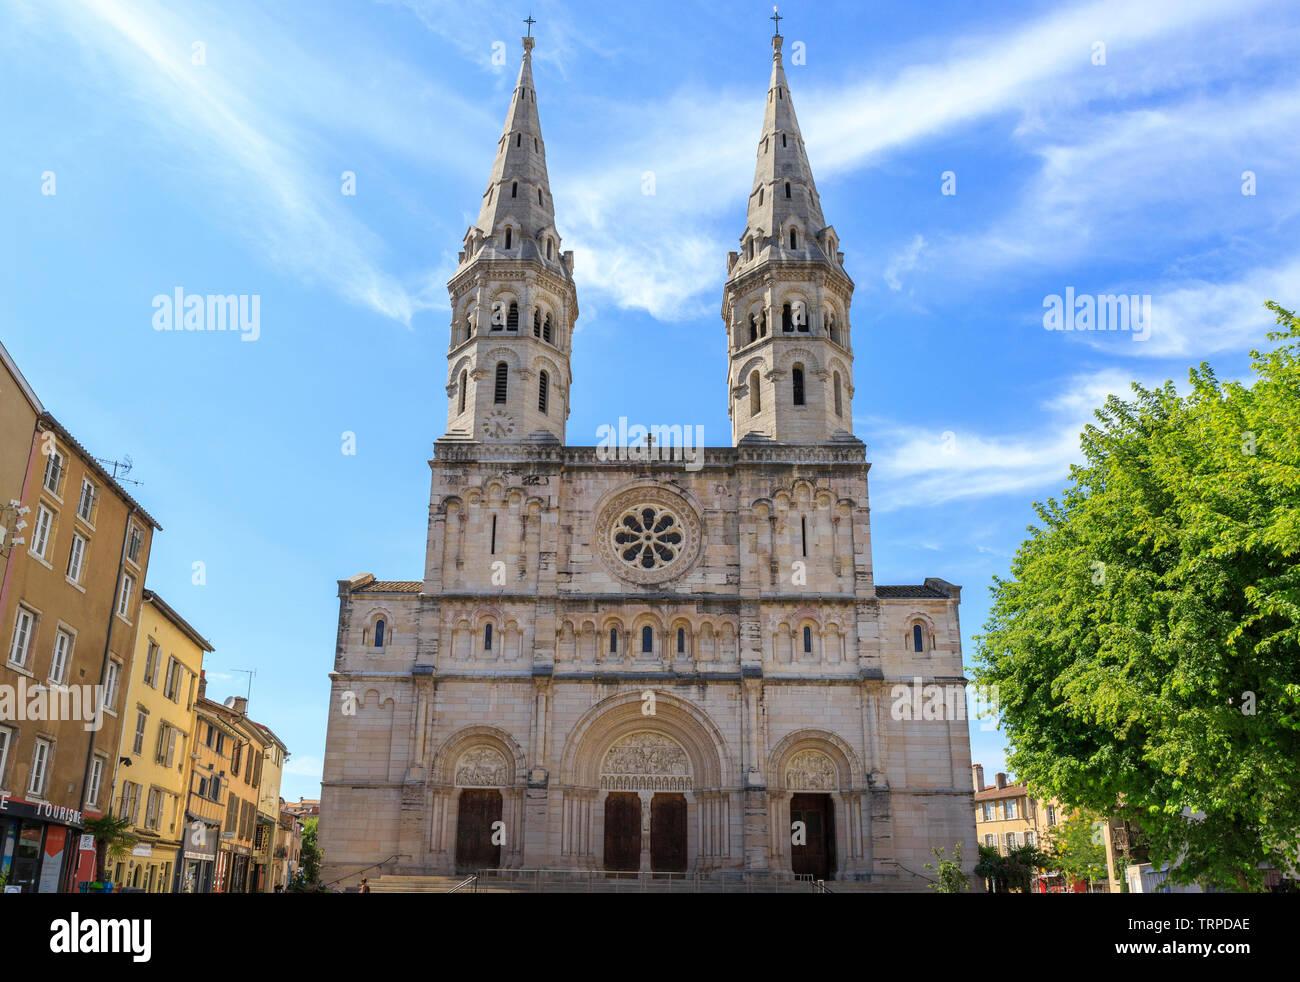 France, Saone et Loire, Macon, Saint Pierre church dated XIXth century // France, Saône-et-Loire (71), Mâcon, église Saint-Pierre du XIXe siècle - Stock Image